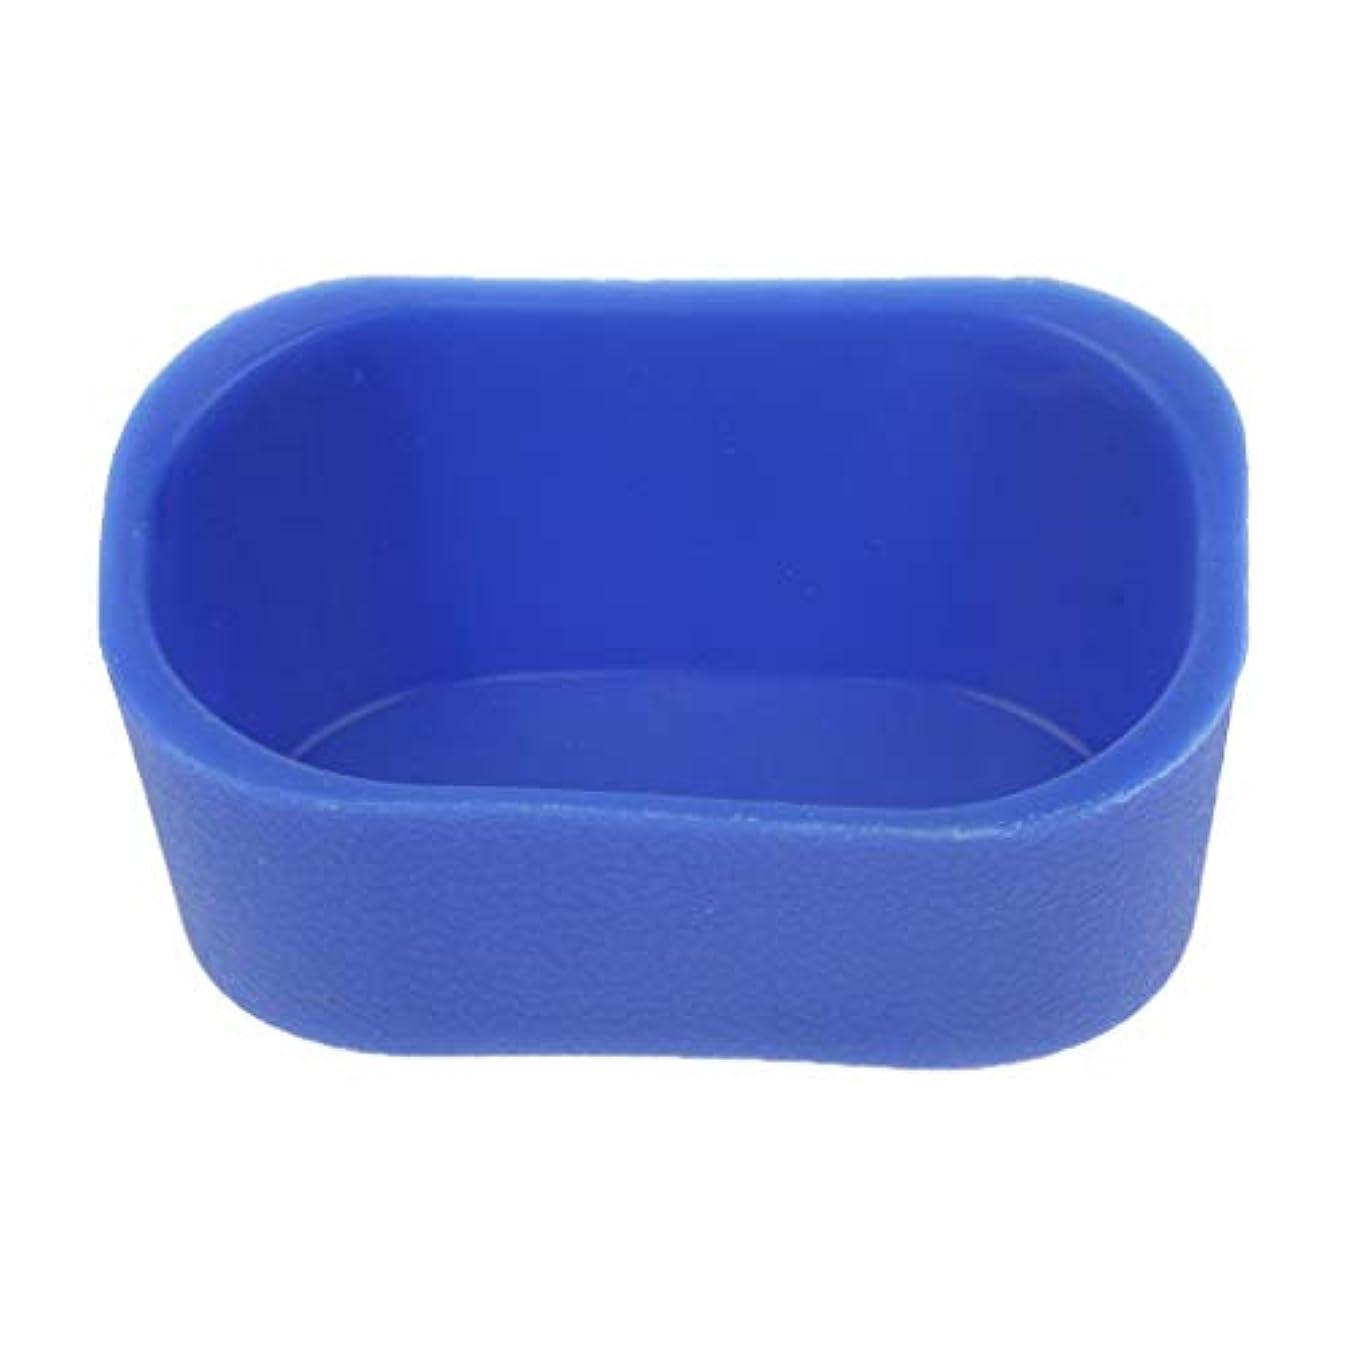 プール柔らかい好奇心盛D DOLITY シャンプーボウル ピロー ネックレス クッション 高品質 5色選べ - 青